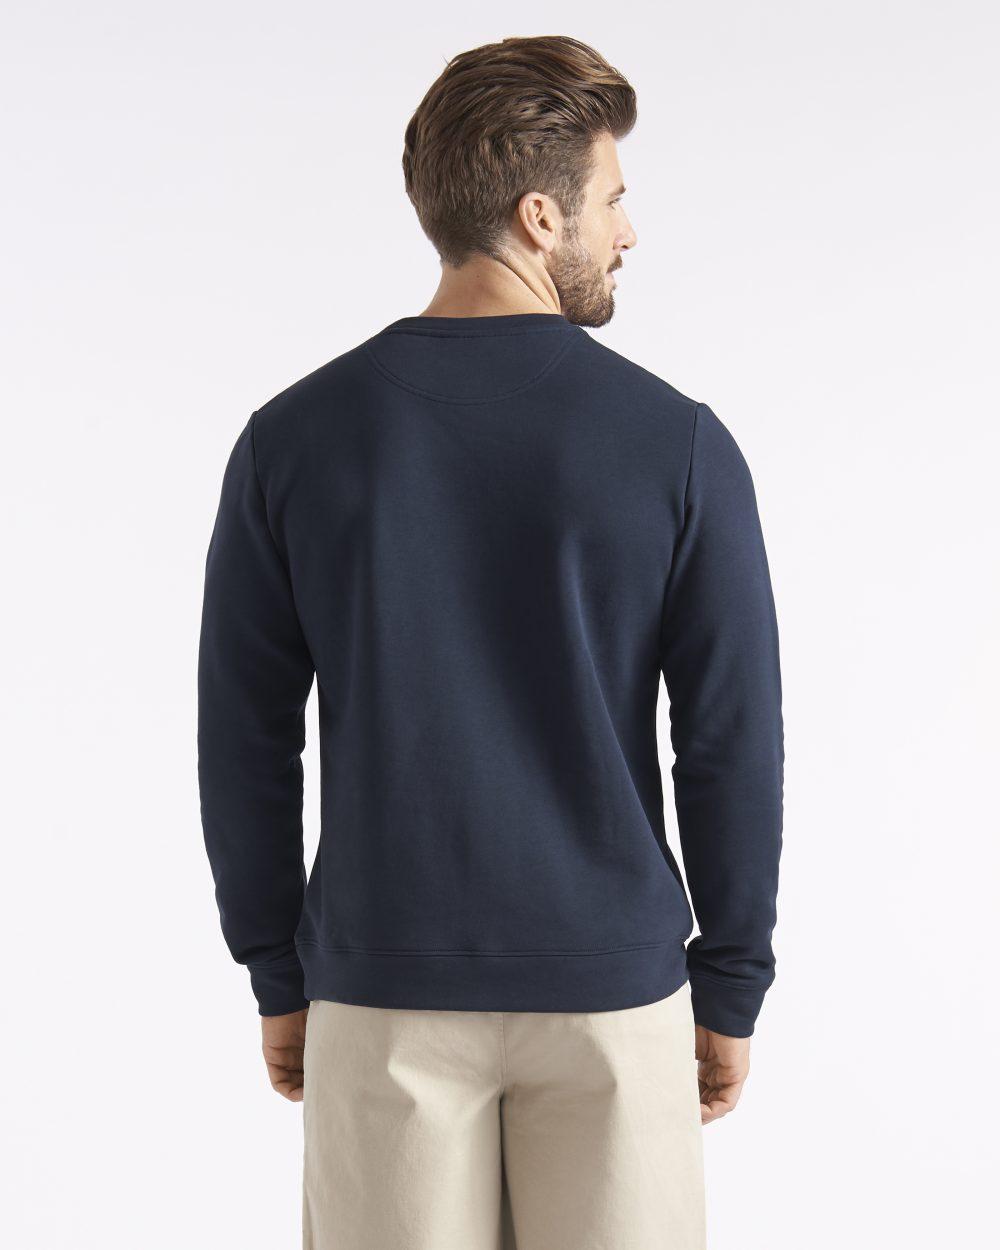 Miesten tummansininen collegepaita näyttävällä logolla sekä applikoinnilla takaapäin